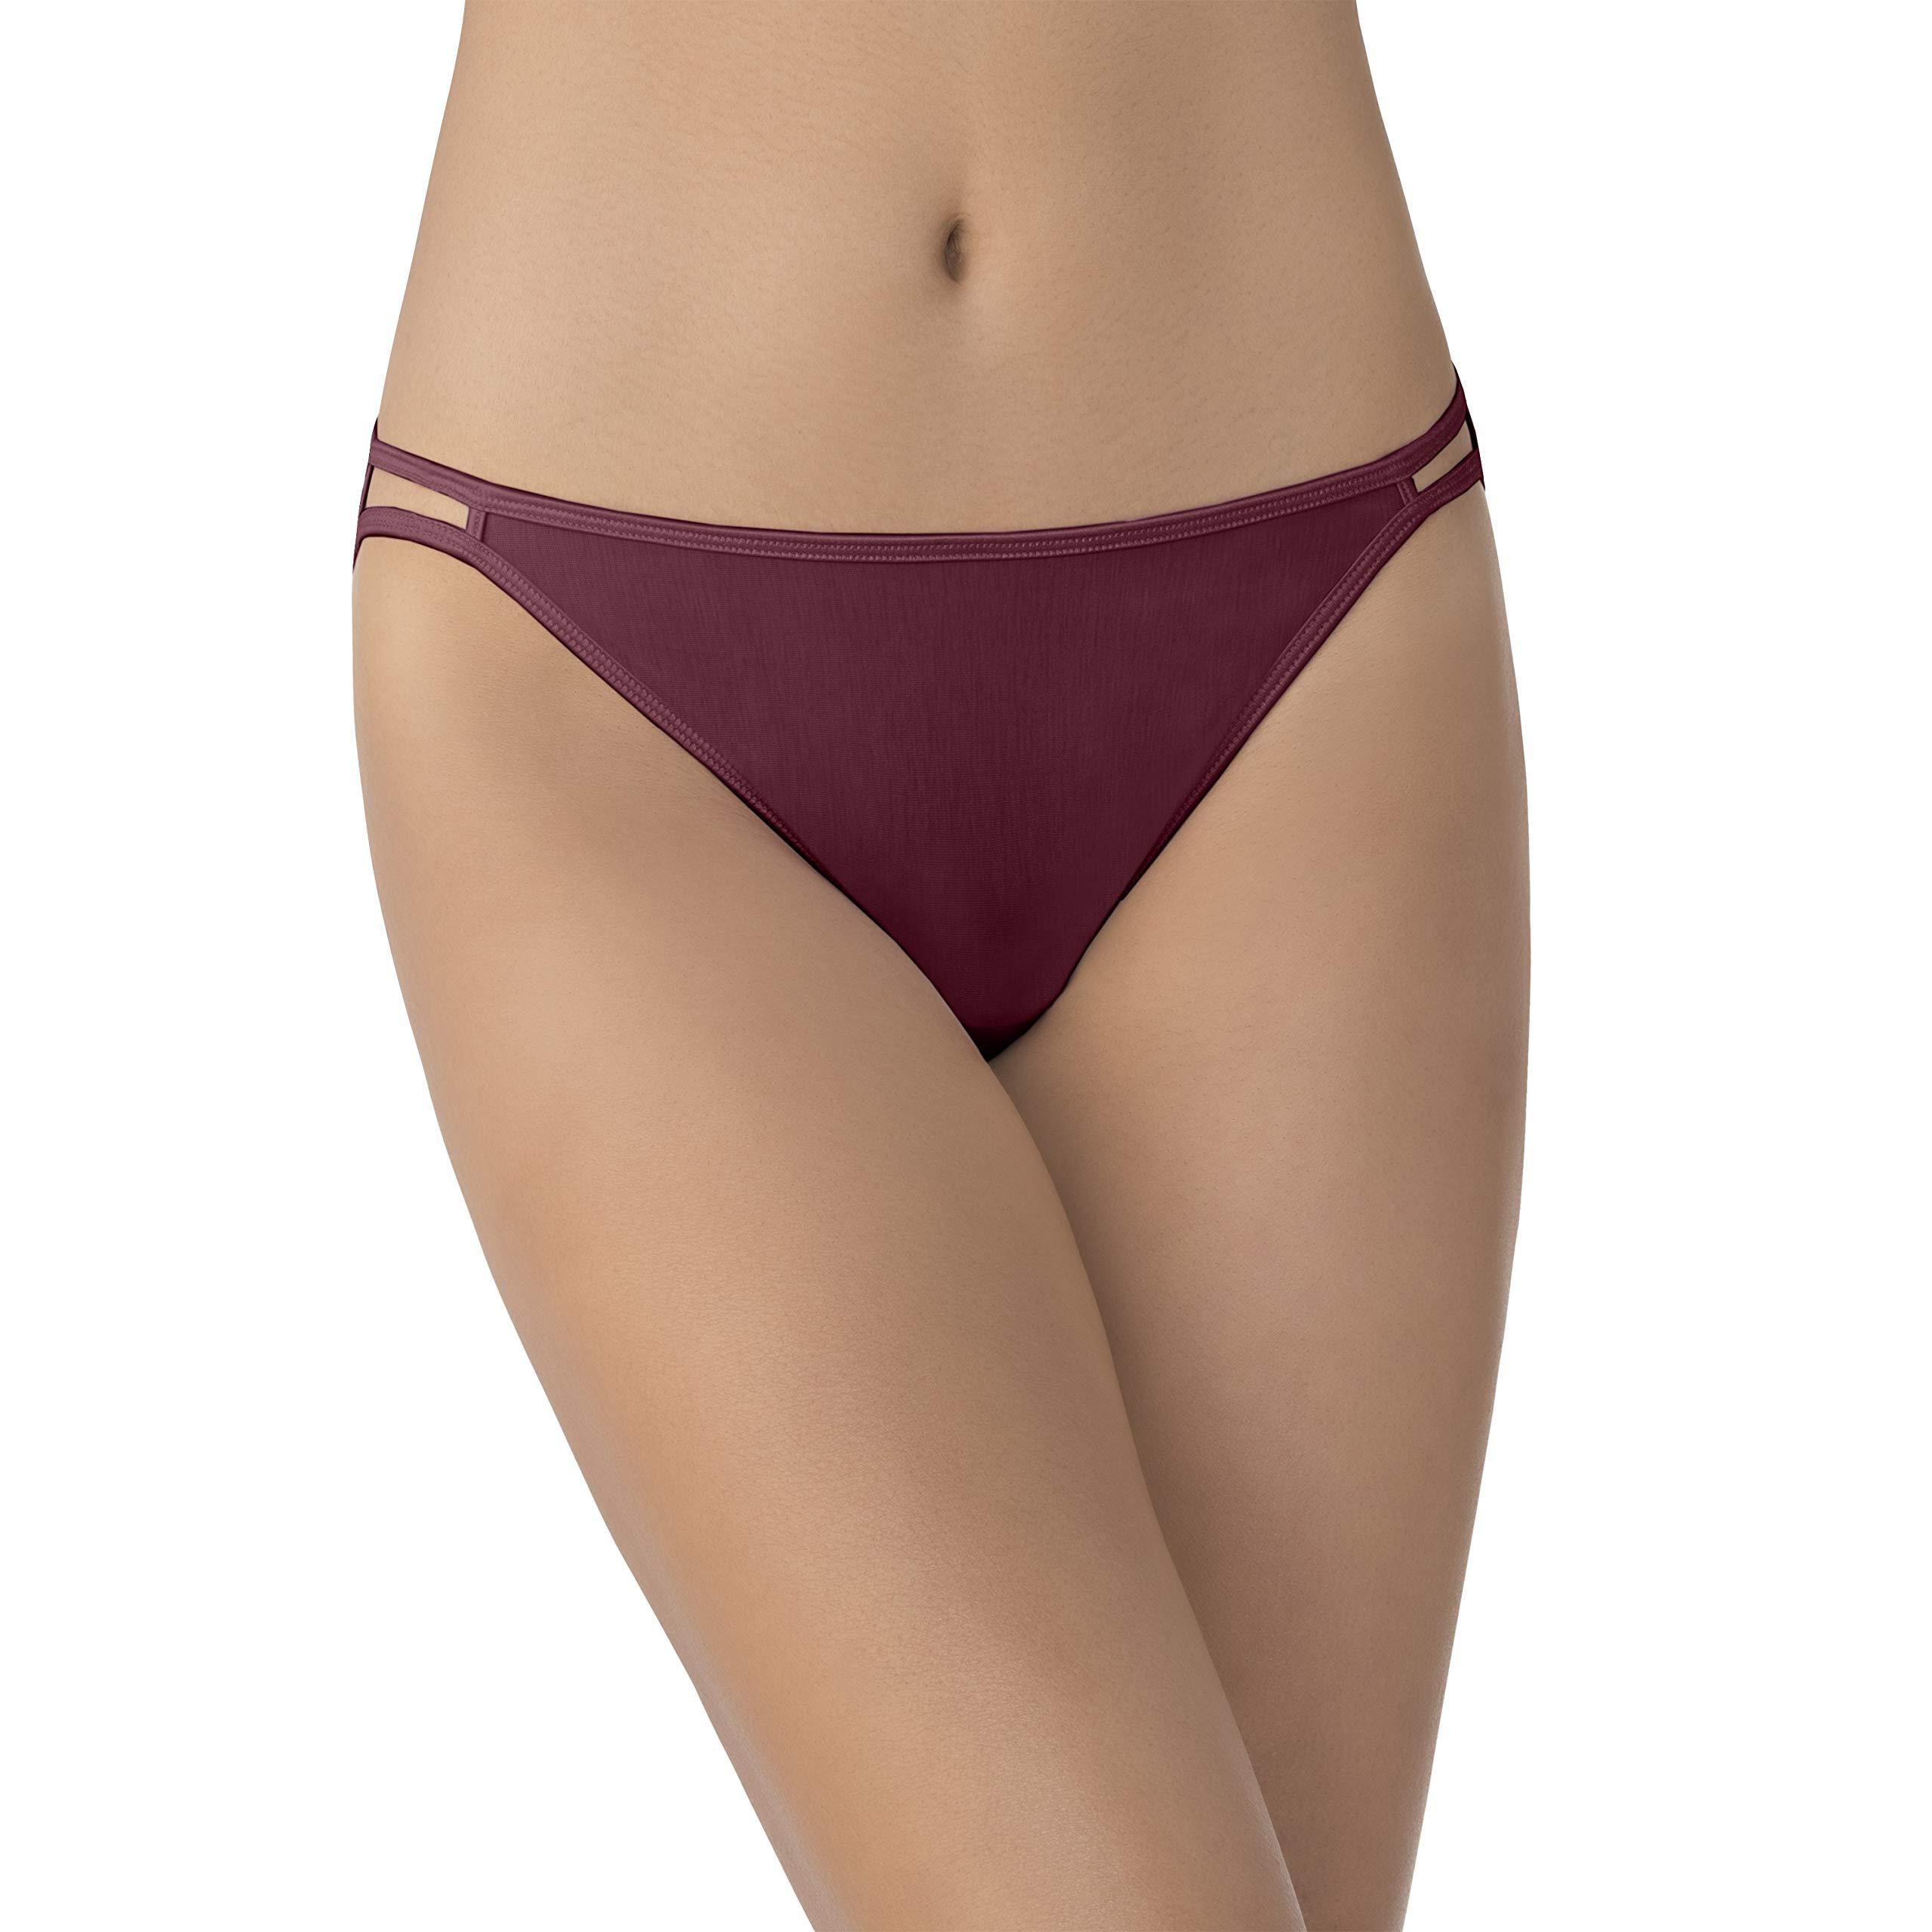 Vanity Fair Women's Illumination String Bikini Panty 18108, Love Spell 2, X-Large/8